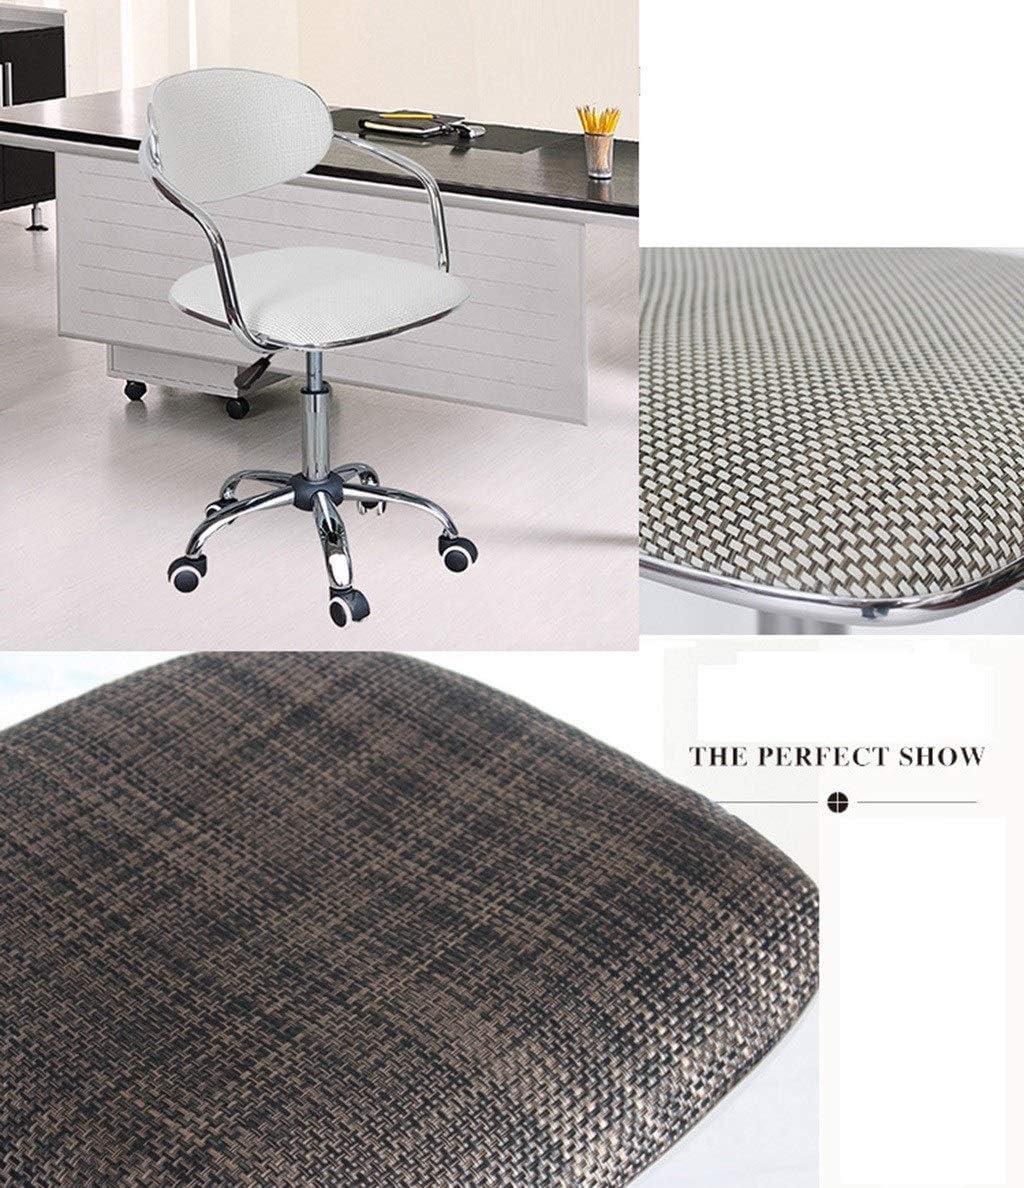 Chaise de bureau amovible, utilisation à domicile Chaise ordinateur de bureau d'étude travail Tabouret relevable salon de coiffure Tabouret (Color : B) B